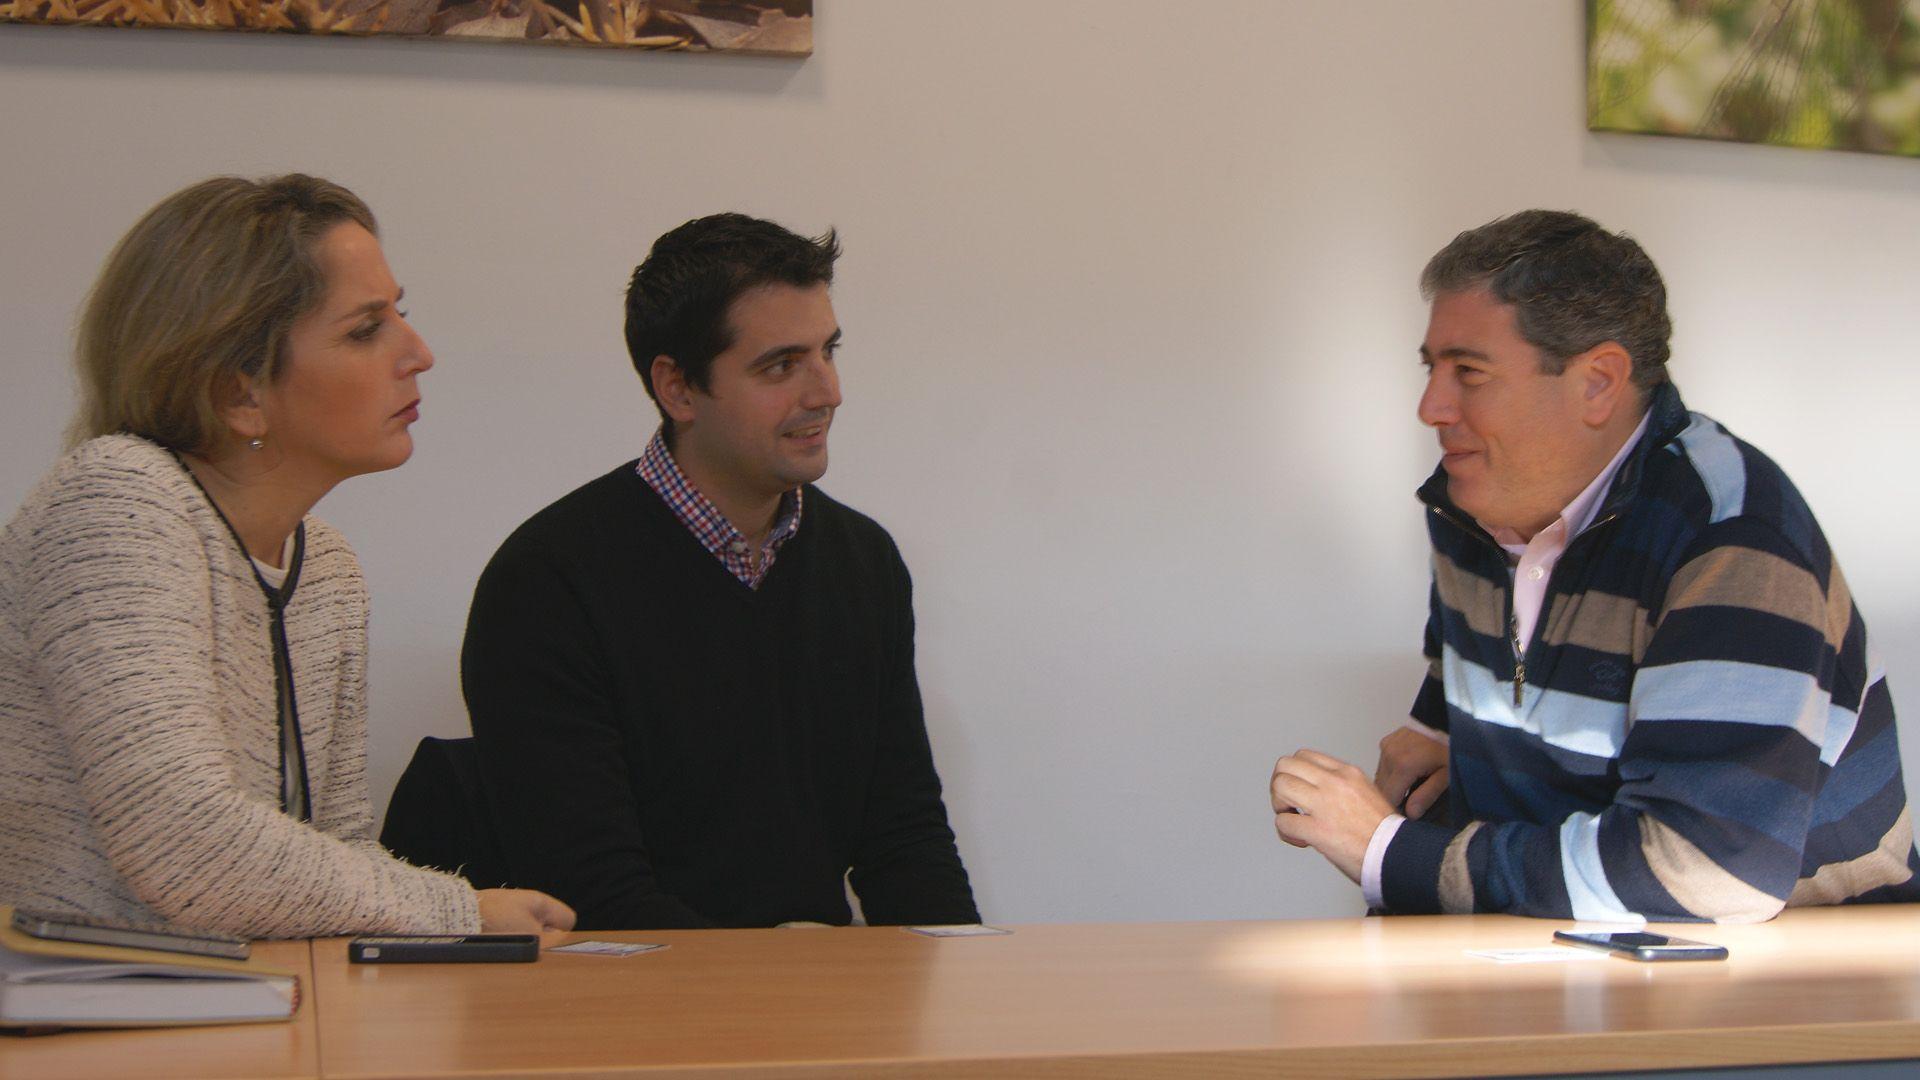 MIRA Comunicación reunidos con José Manuel Gago Girón, gerente de rentalibre.com